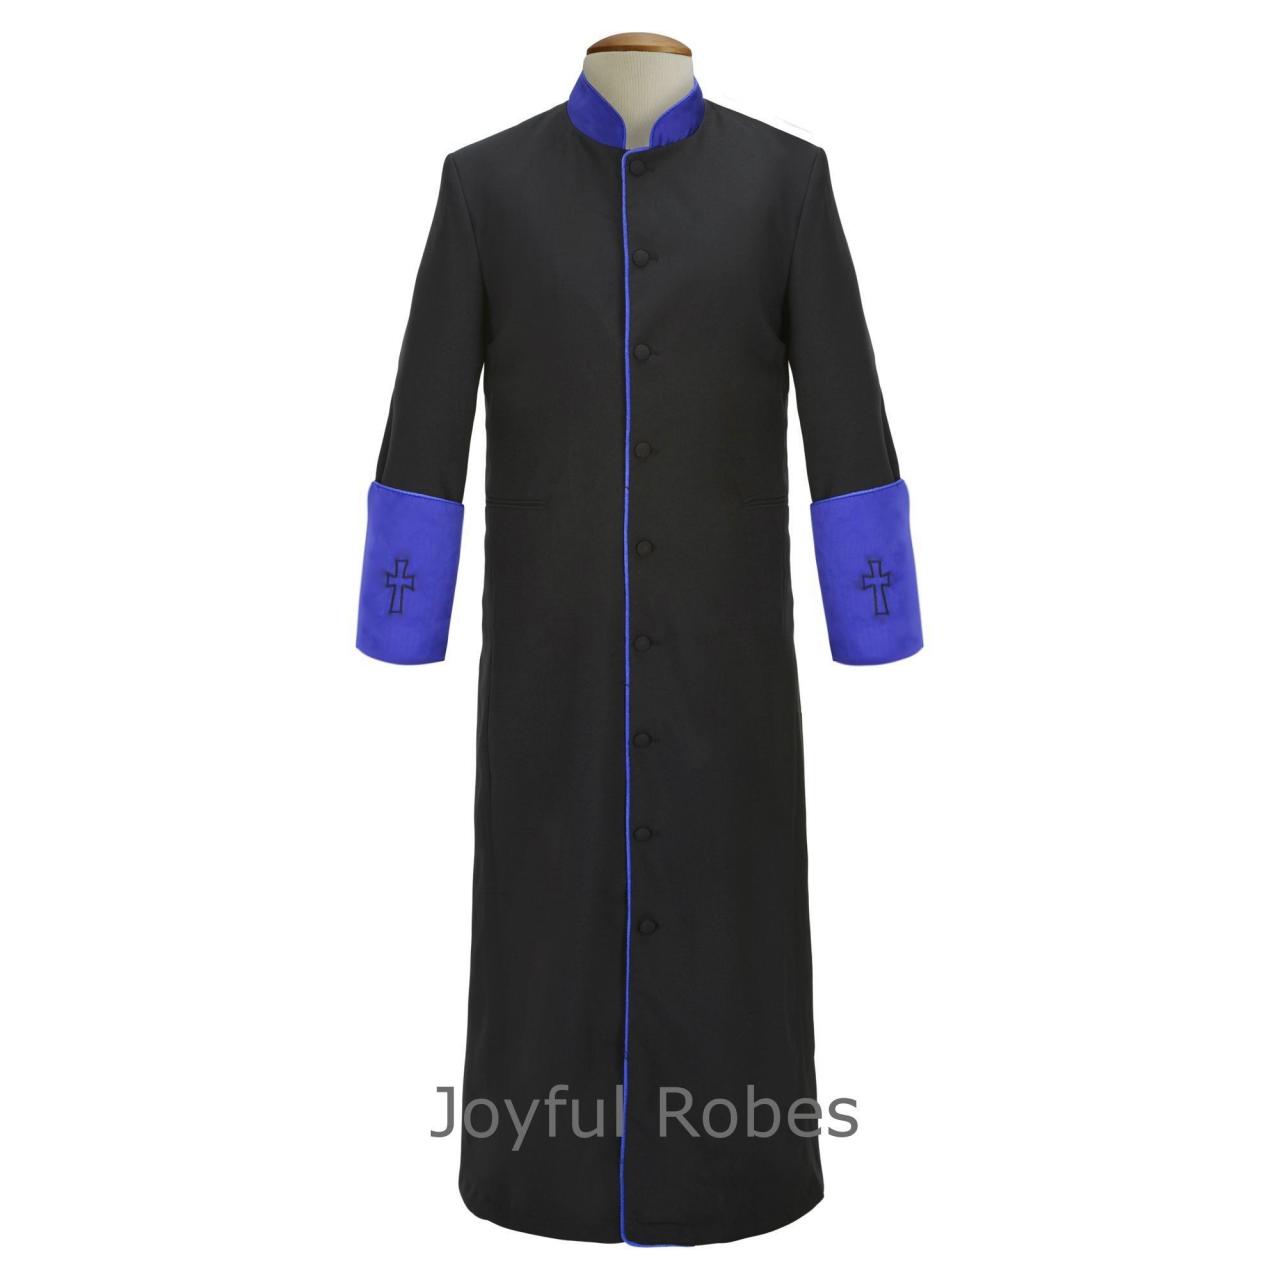 307 M. Men's Clergy/Pastor Robe - Black/Royal